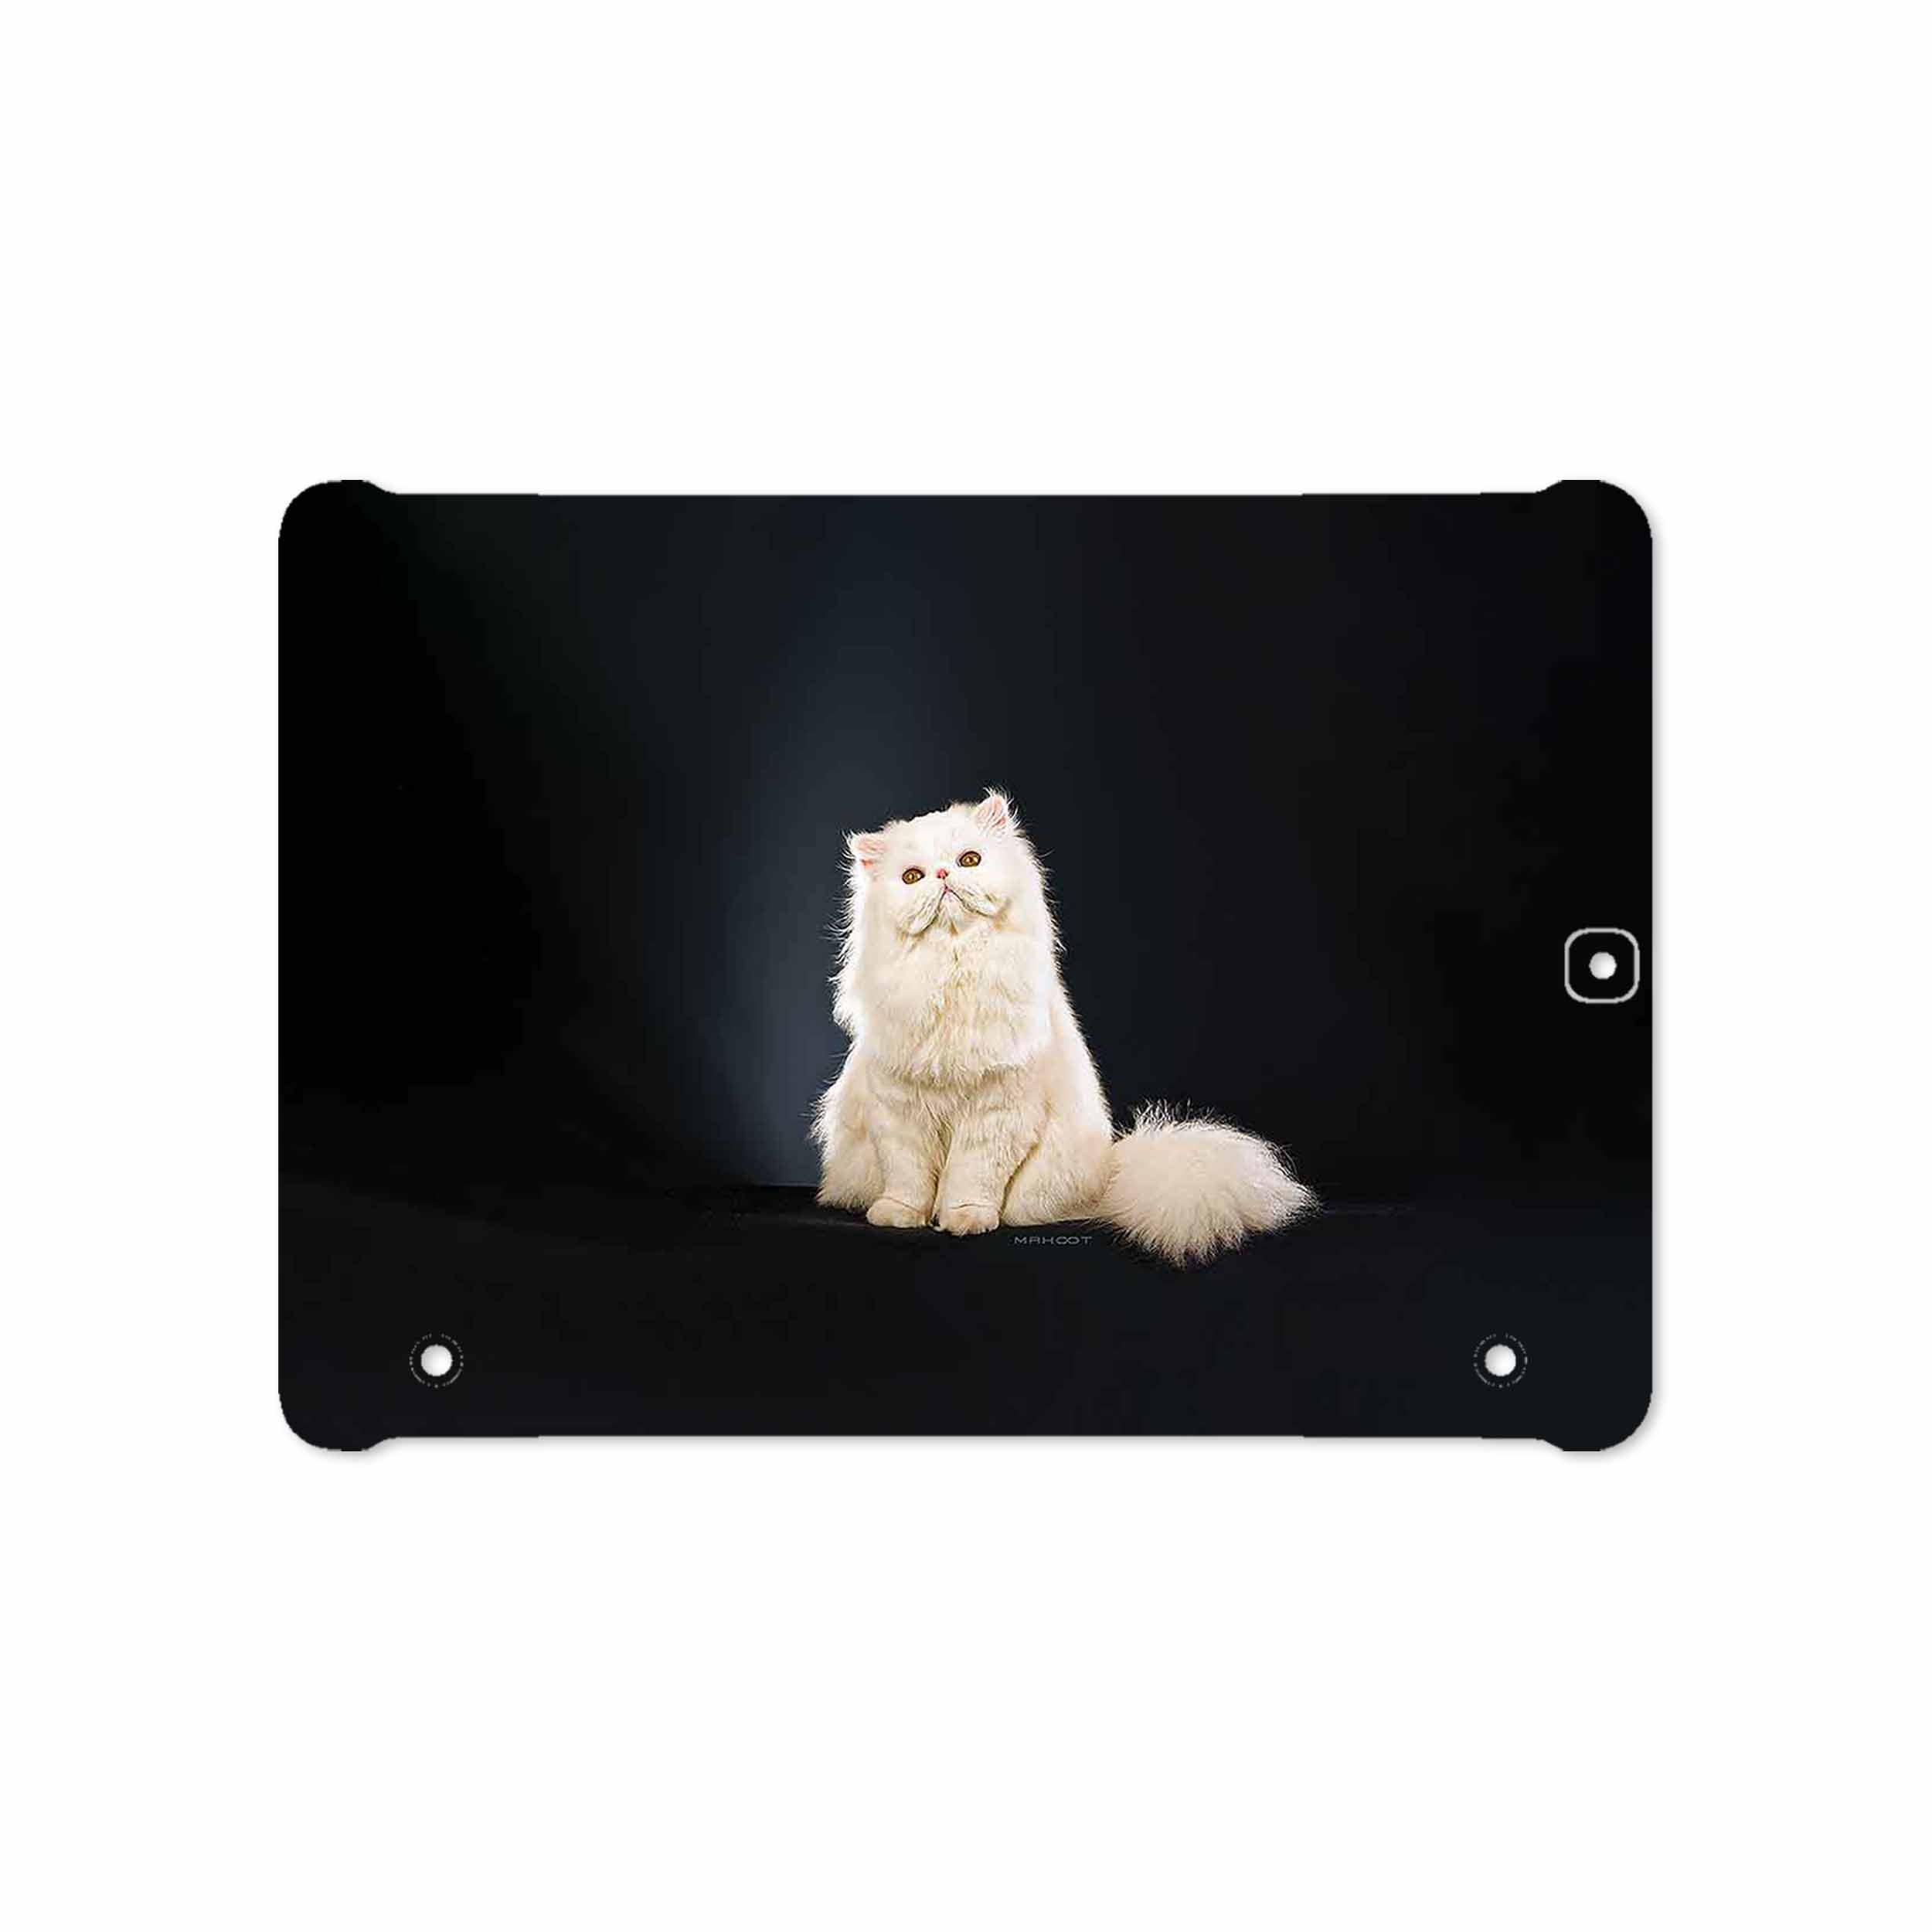 بررسی و خرید [با تخفیف]                                     برچسب پوششی ماهوت مدل Persian cat مناسب برای تبلت سامسونگ Galaxy Tab S2 9.7 2016 T813N                             اورجینال